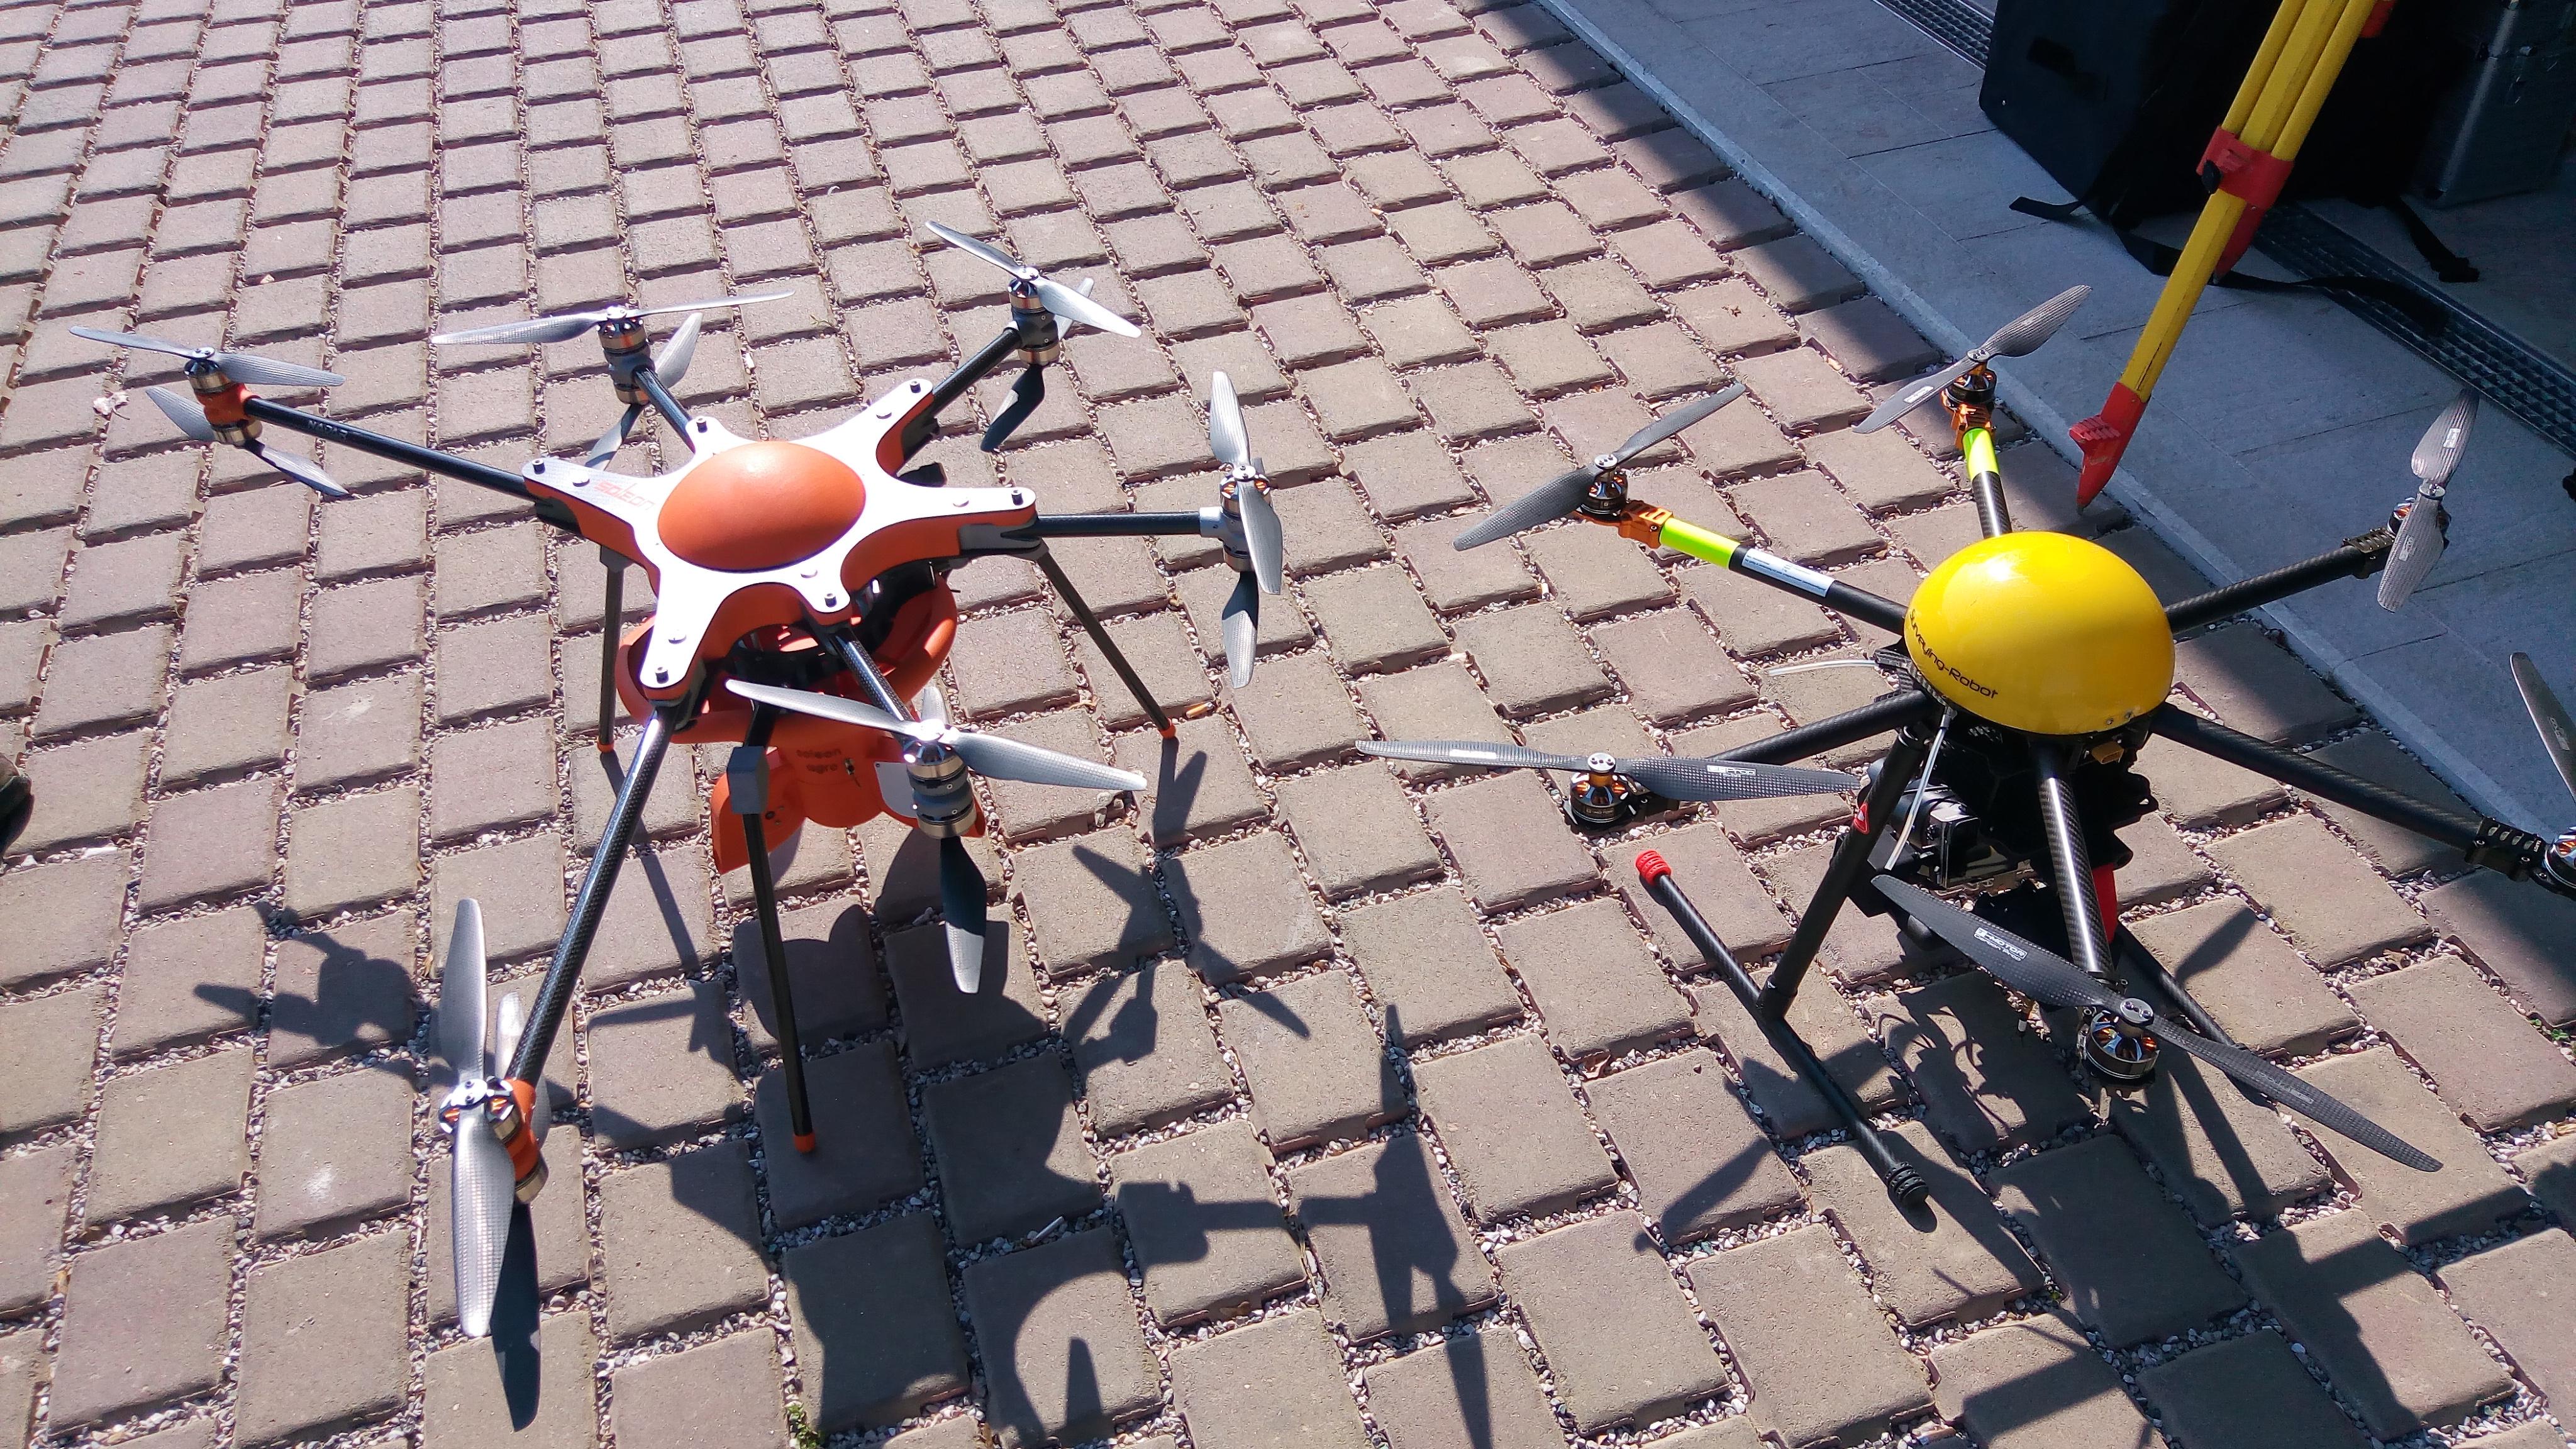 Flotta droni per l'escursione ad Asolo